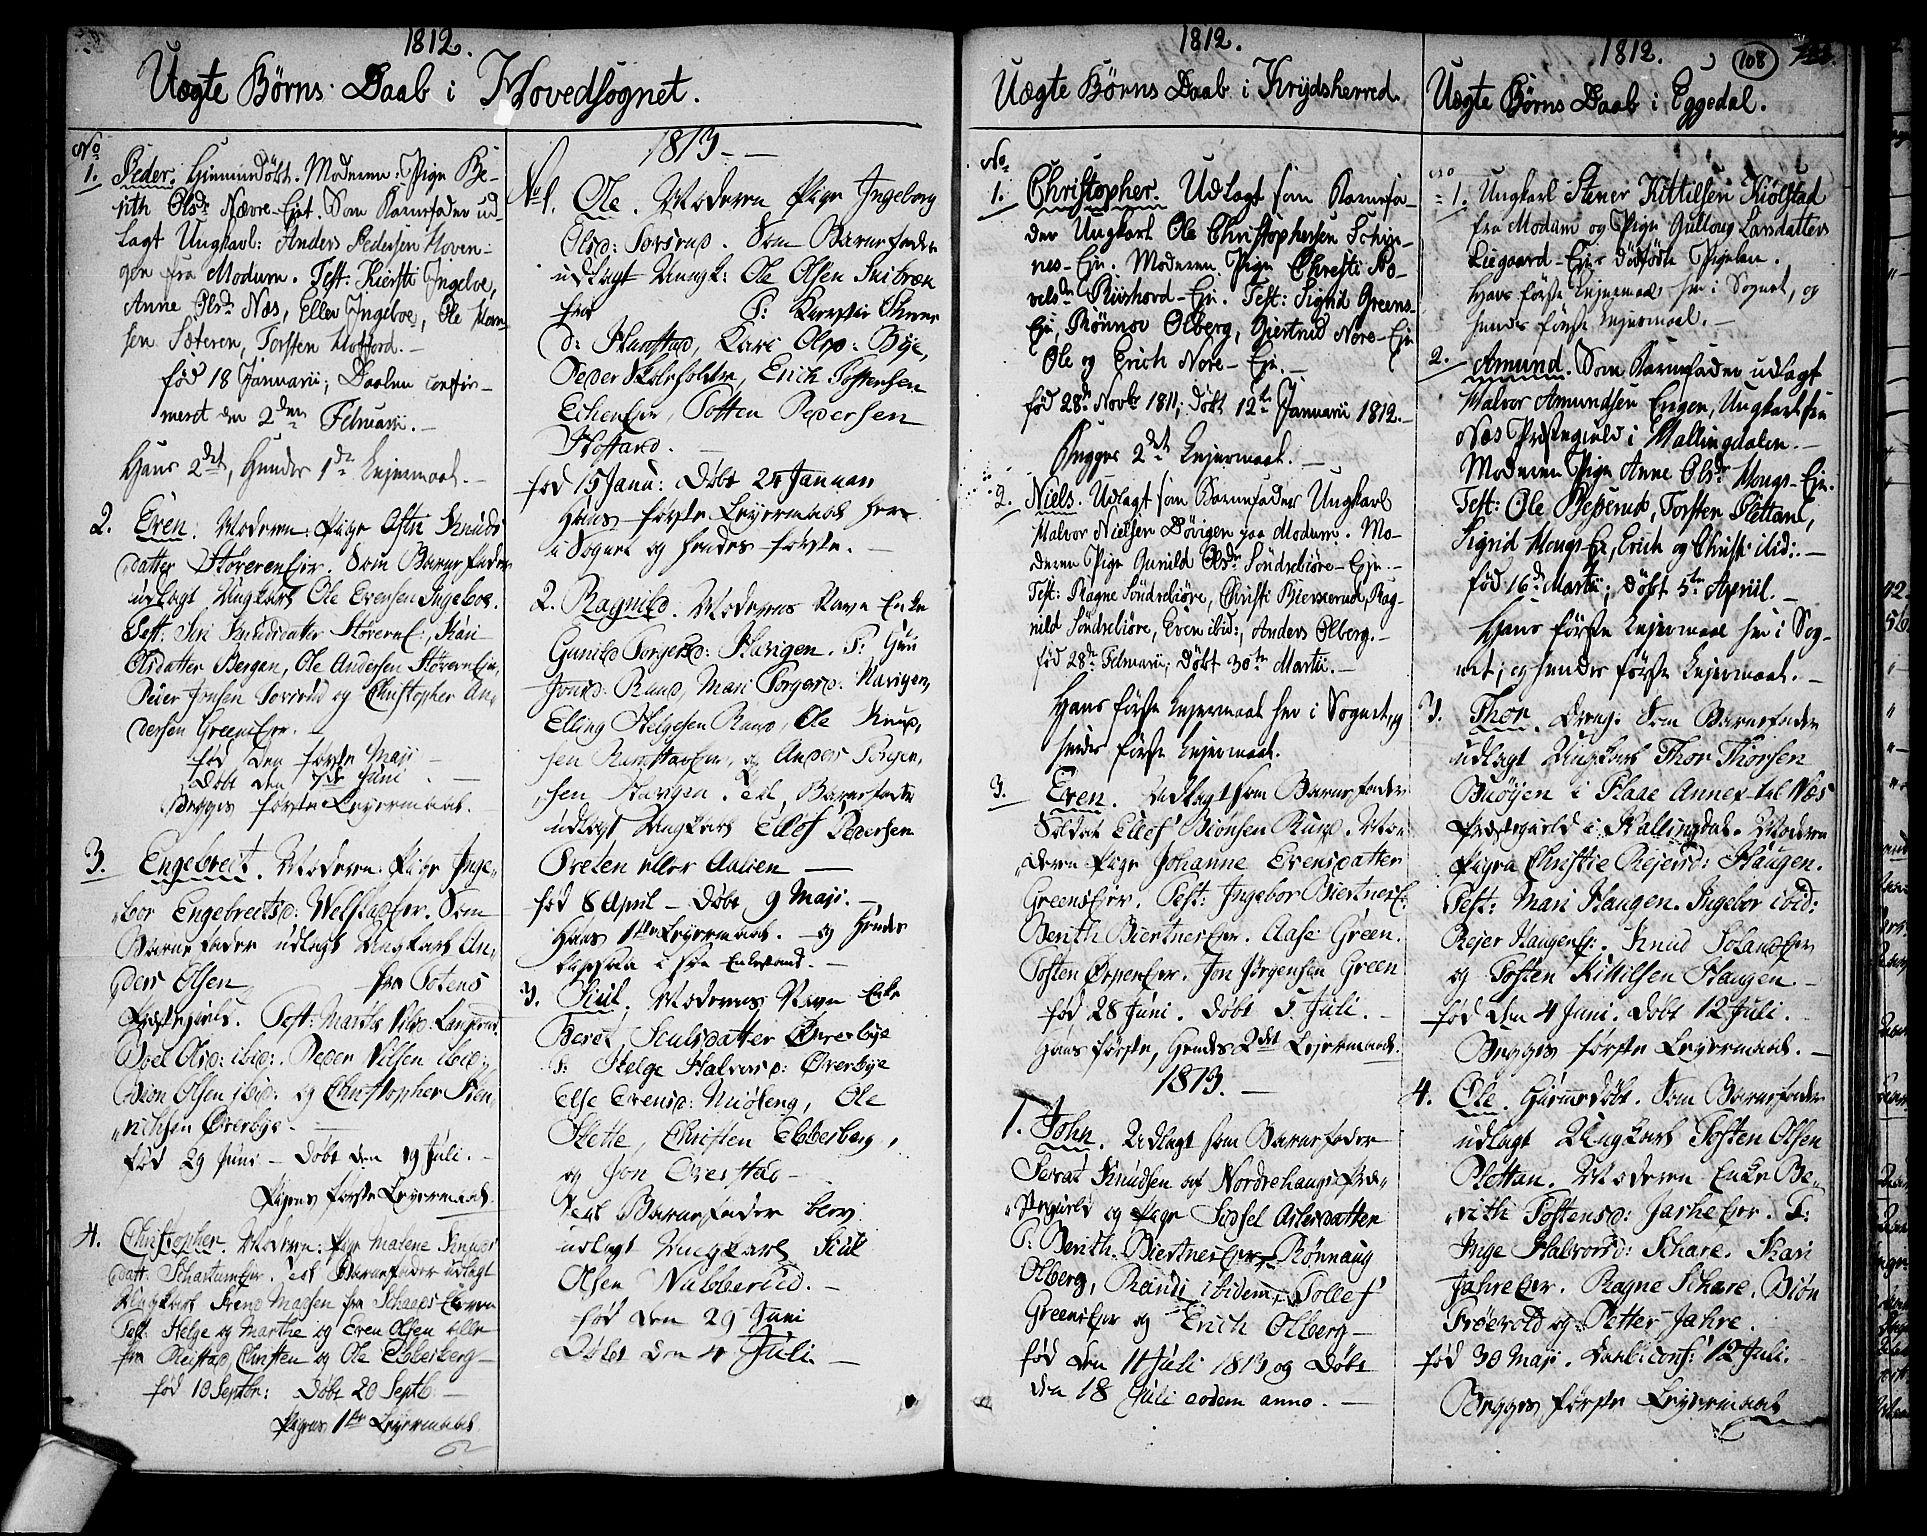 SAKO, Sigdal kirkebøker, F/Fa/L0004: Ministerialbok nr. I 4, 1812-1815, s. 108